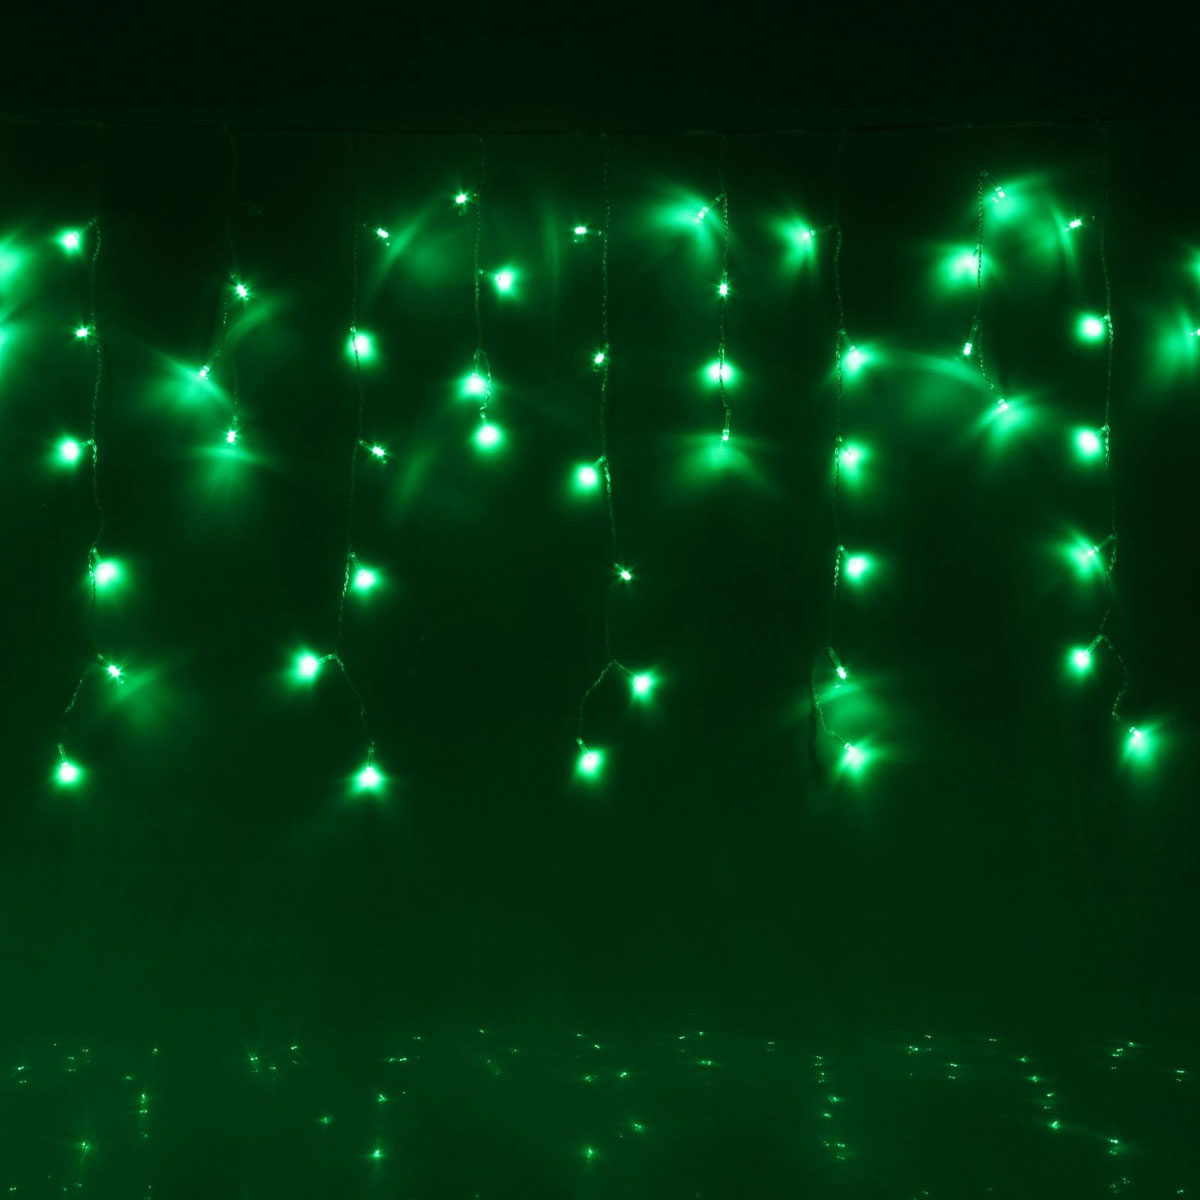 Гирлянда светодиодная Luazon Бахрома, 8 режимов, 120 ламп, 220 V, цвет: зеленый, 2,4 х 0,6 м. 671617500-031Светодиодные гирлянды, ленты и т.д — это отличный вариант для новогоднего оформления интерьера или фасада. С их помощью помещение любого размера можно превратить в праздничный зал, а внешние элементы зданий, украшенные ими, мгновенно станут напоминать очертания сказочного дворца. Такие украшения создают ауру предвкушения чуда. Деревья, фасады, витрины, окна и арки будто специально созданы, чтобы вы украсили их светящимися нитями.